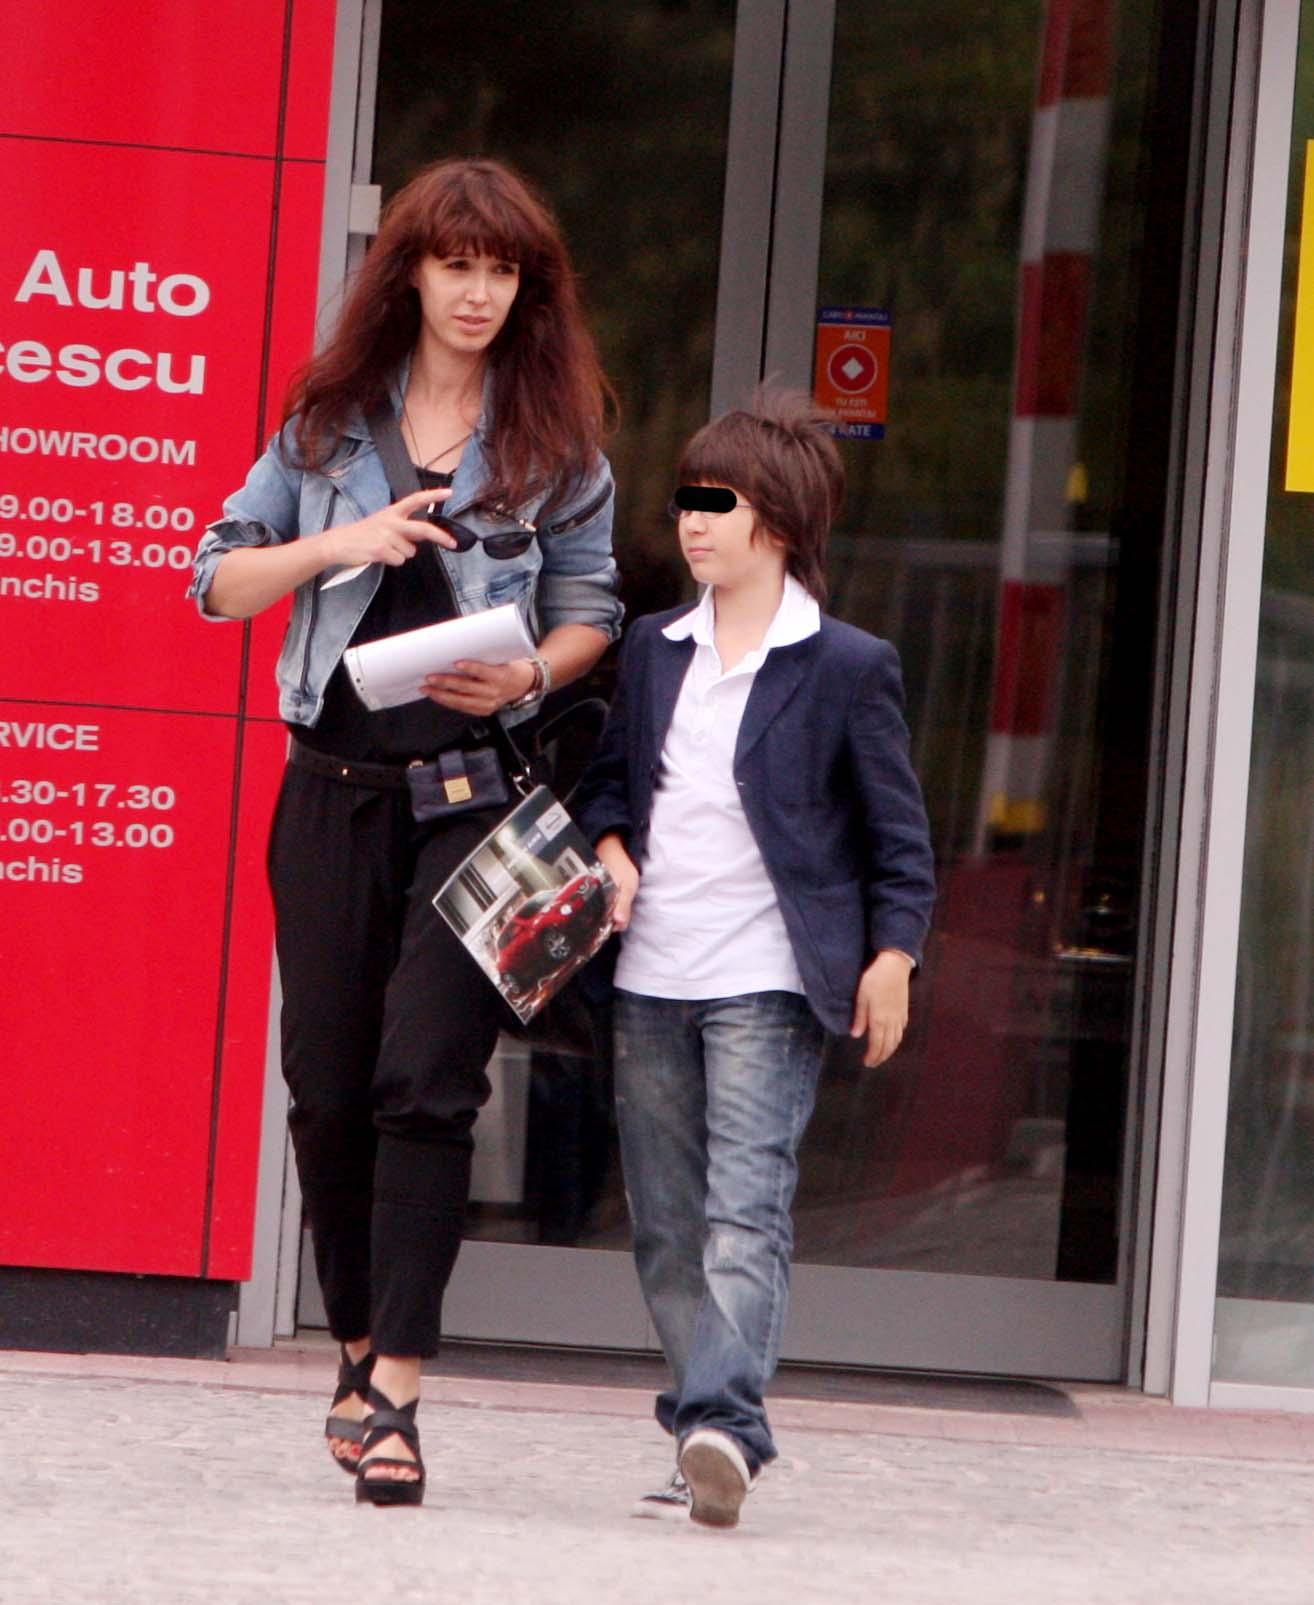 Dupa despartirea de Cuptor, Alina Chivulescu si-a indreptat intreaga atentie catre fiul ei, Michael, de care este nedespartita